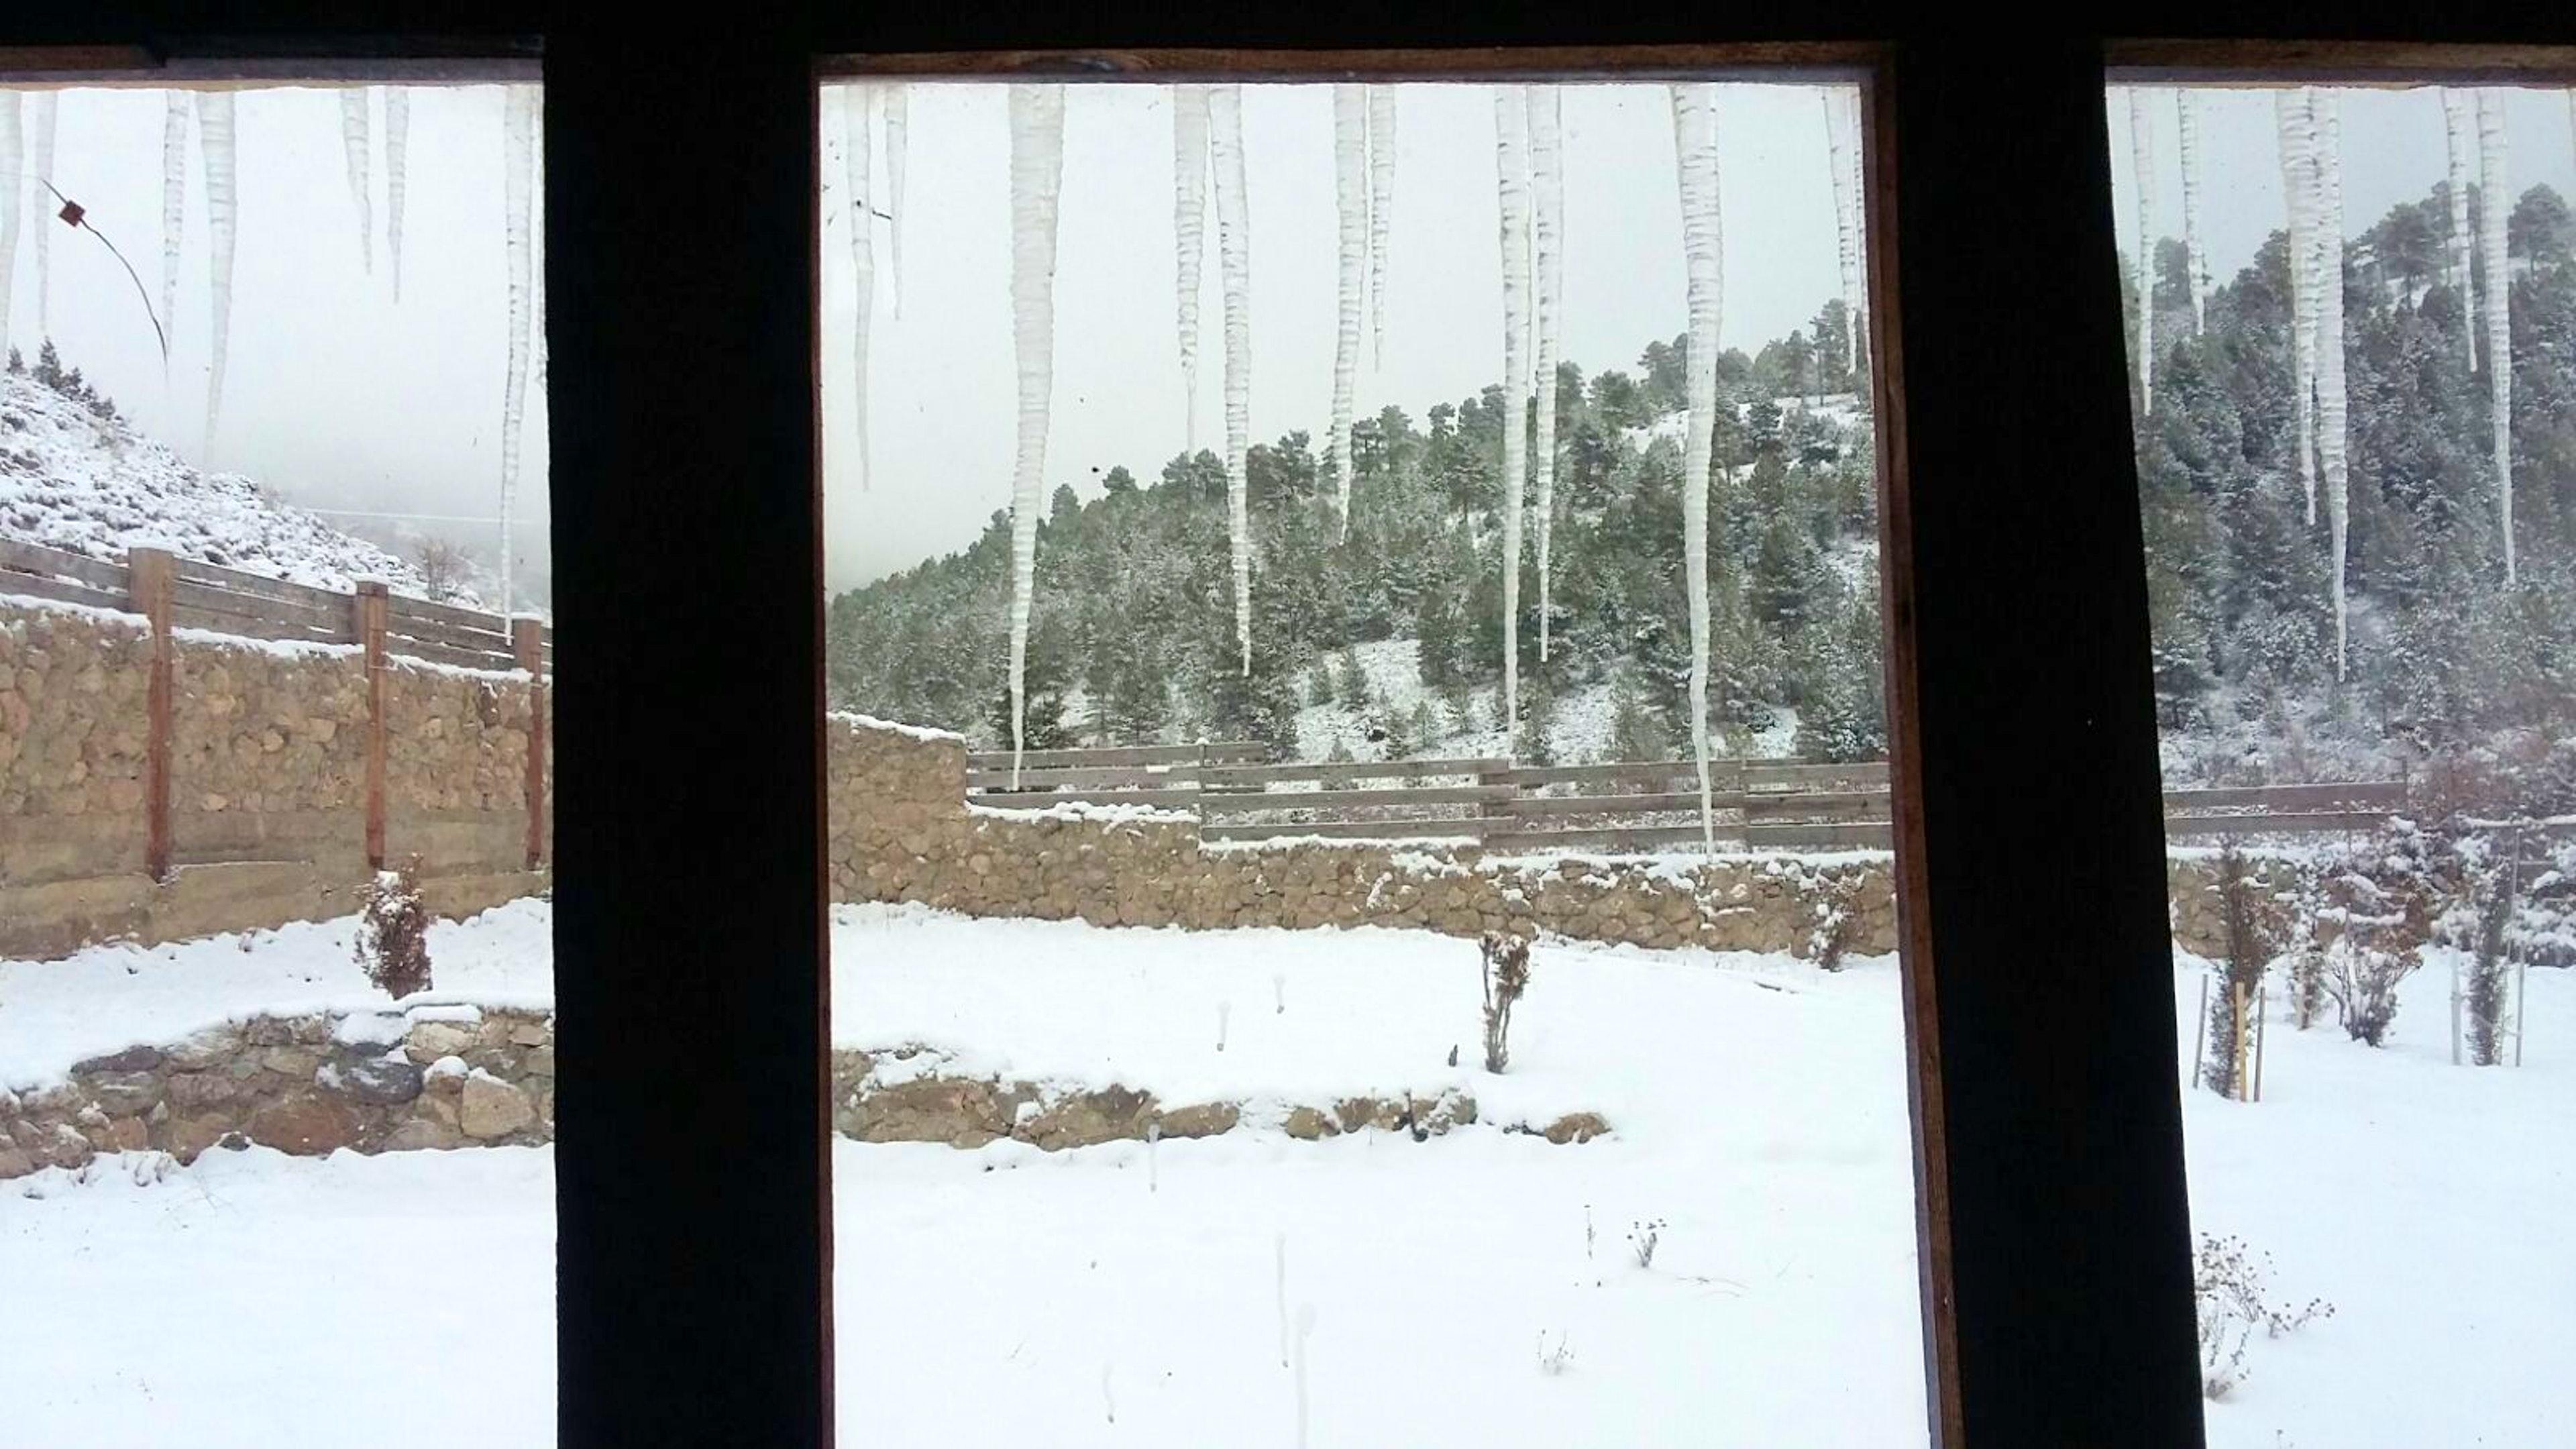 Maison de vacances Hütte mit 4 Schlafzimmern in Camarena de la Sierra mit toller Aussicht auf die Berge, priv (2474258), Camarena de la Sierra, Teruel, Aragon, Espagne, image 33